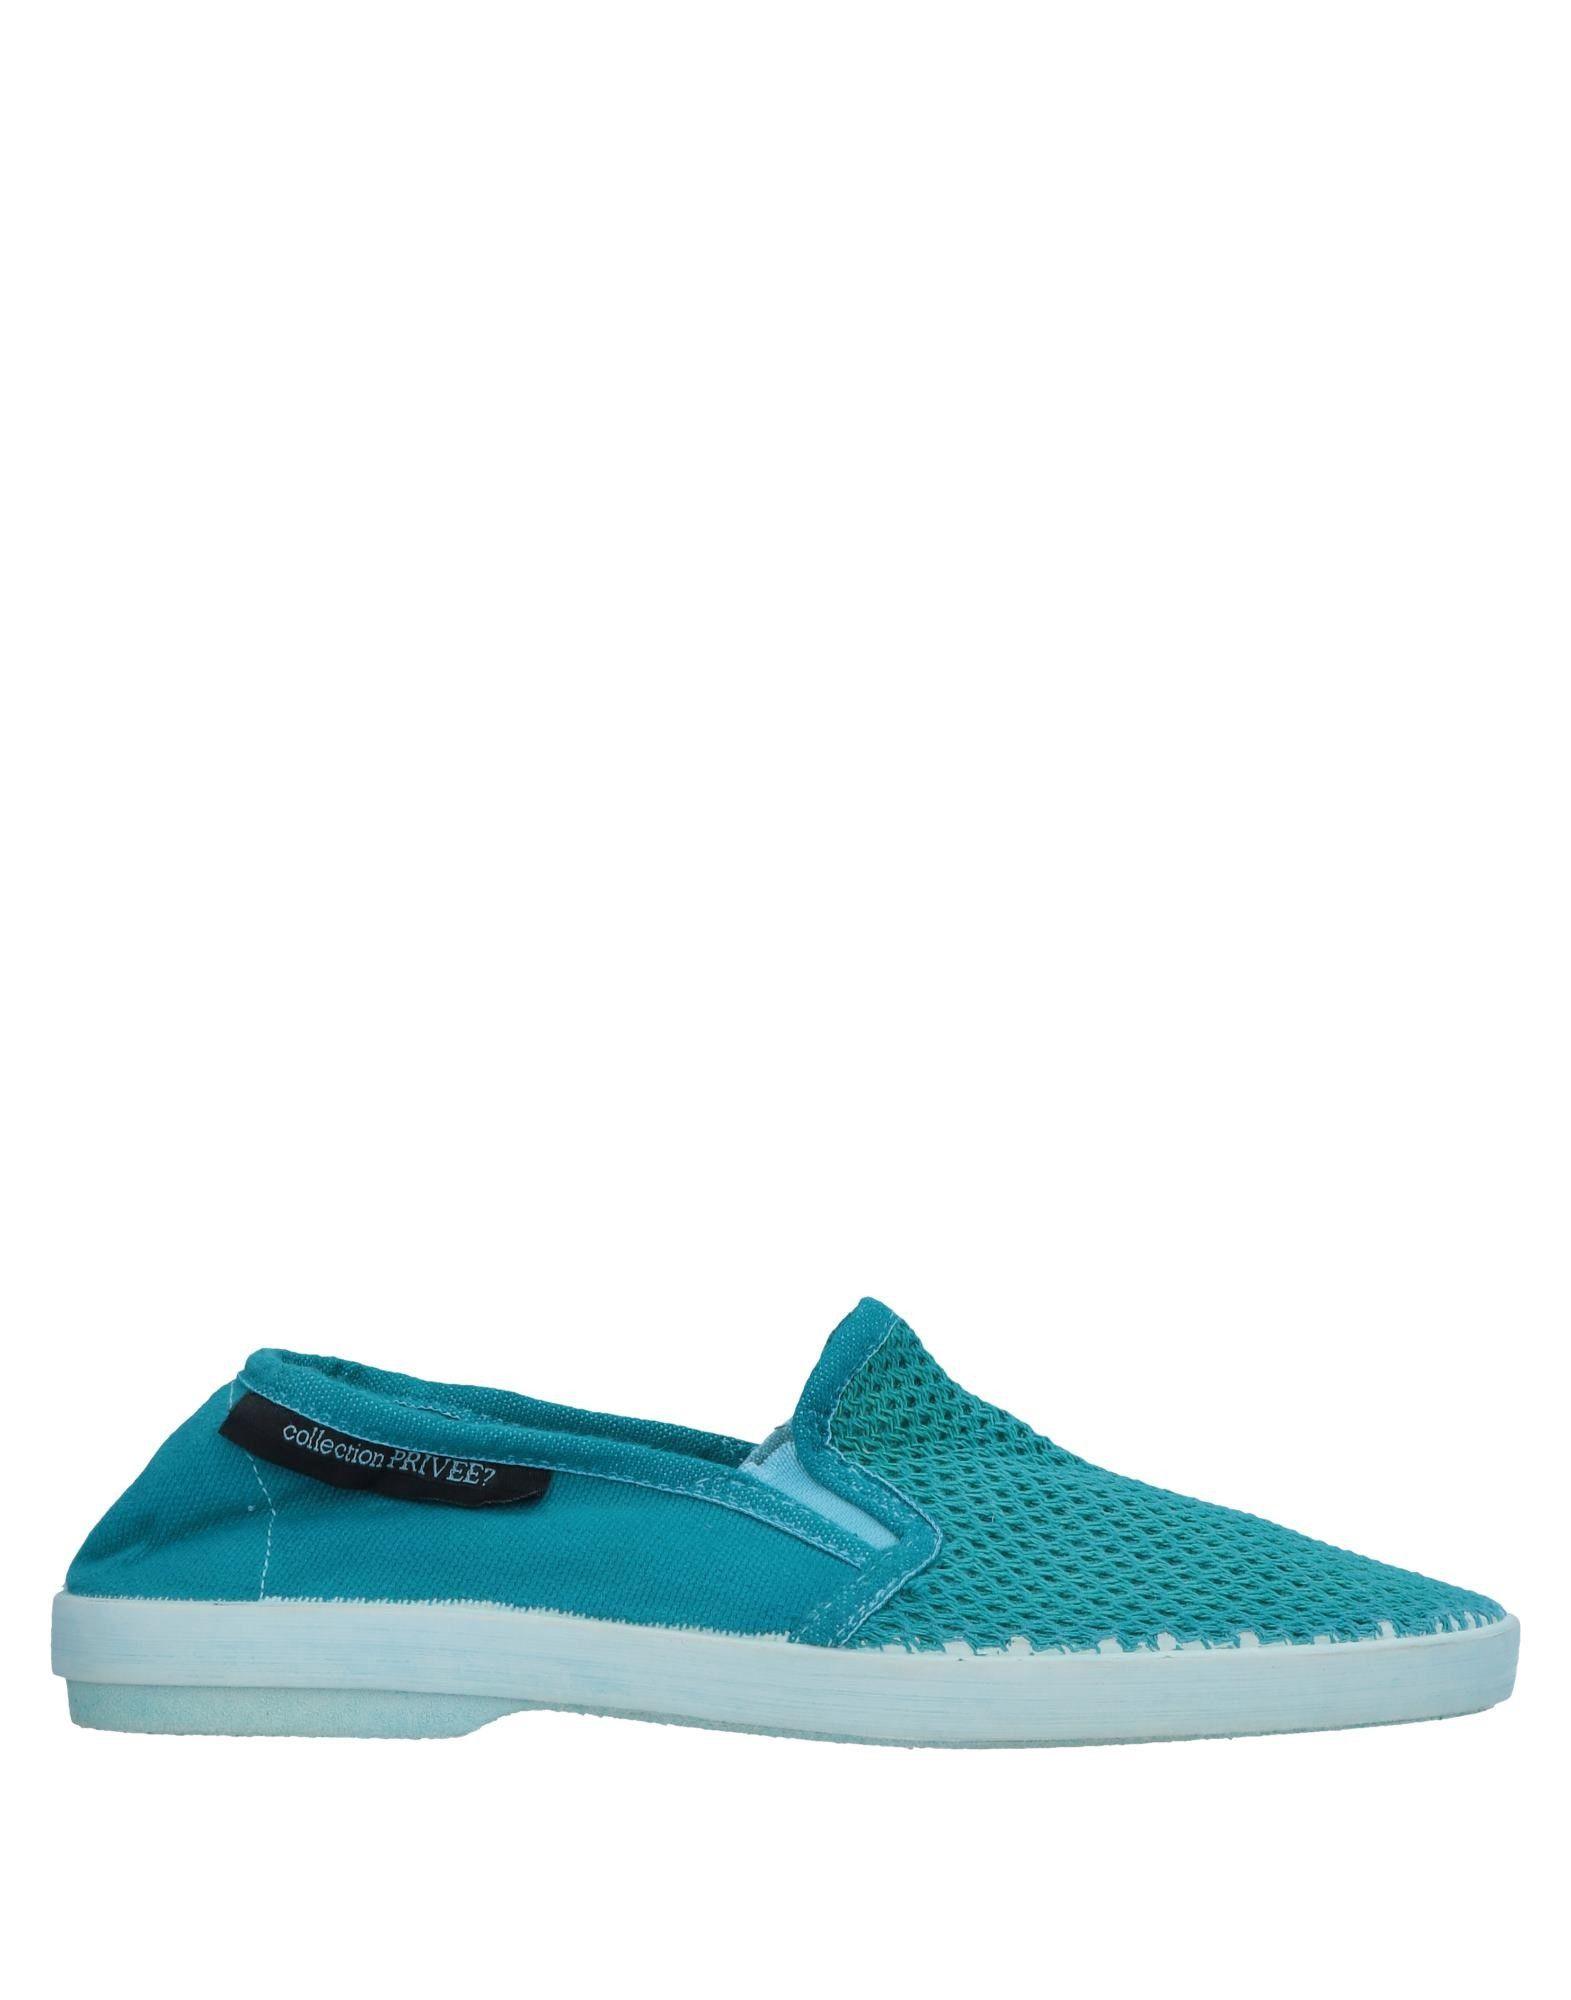 Collection Privēe? Sneakers Herren  11545500TR Gute Qualität beliebte Schuhe